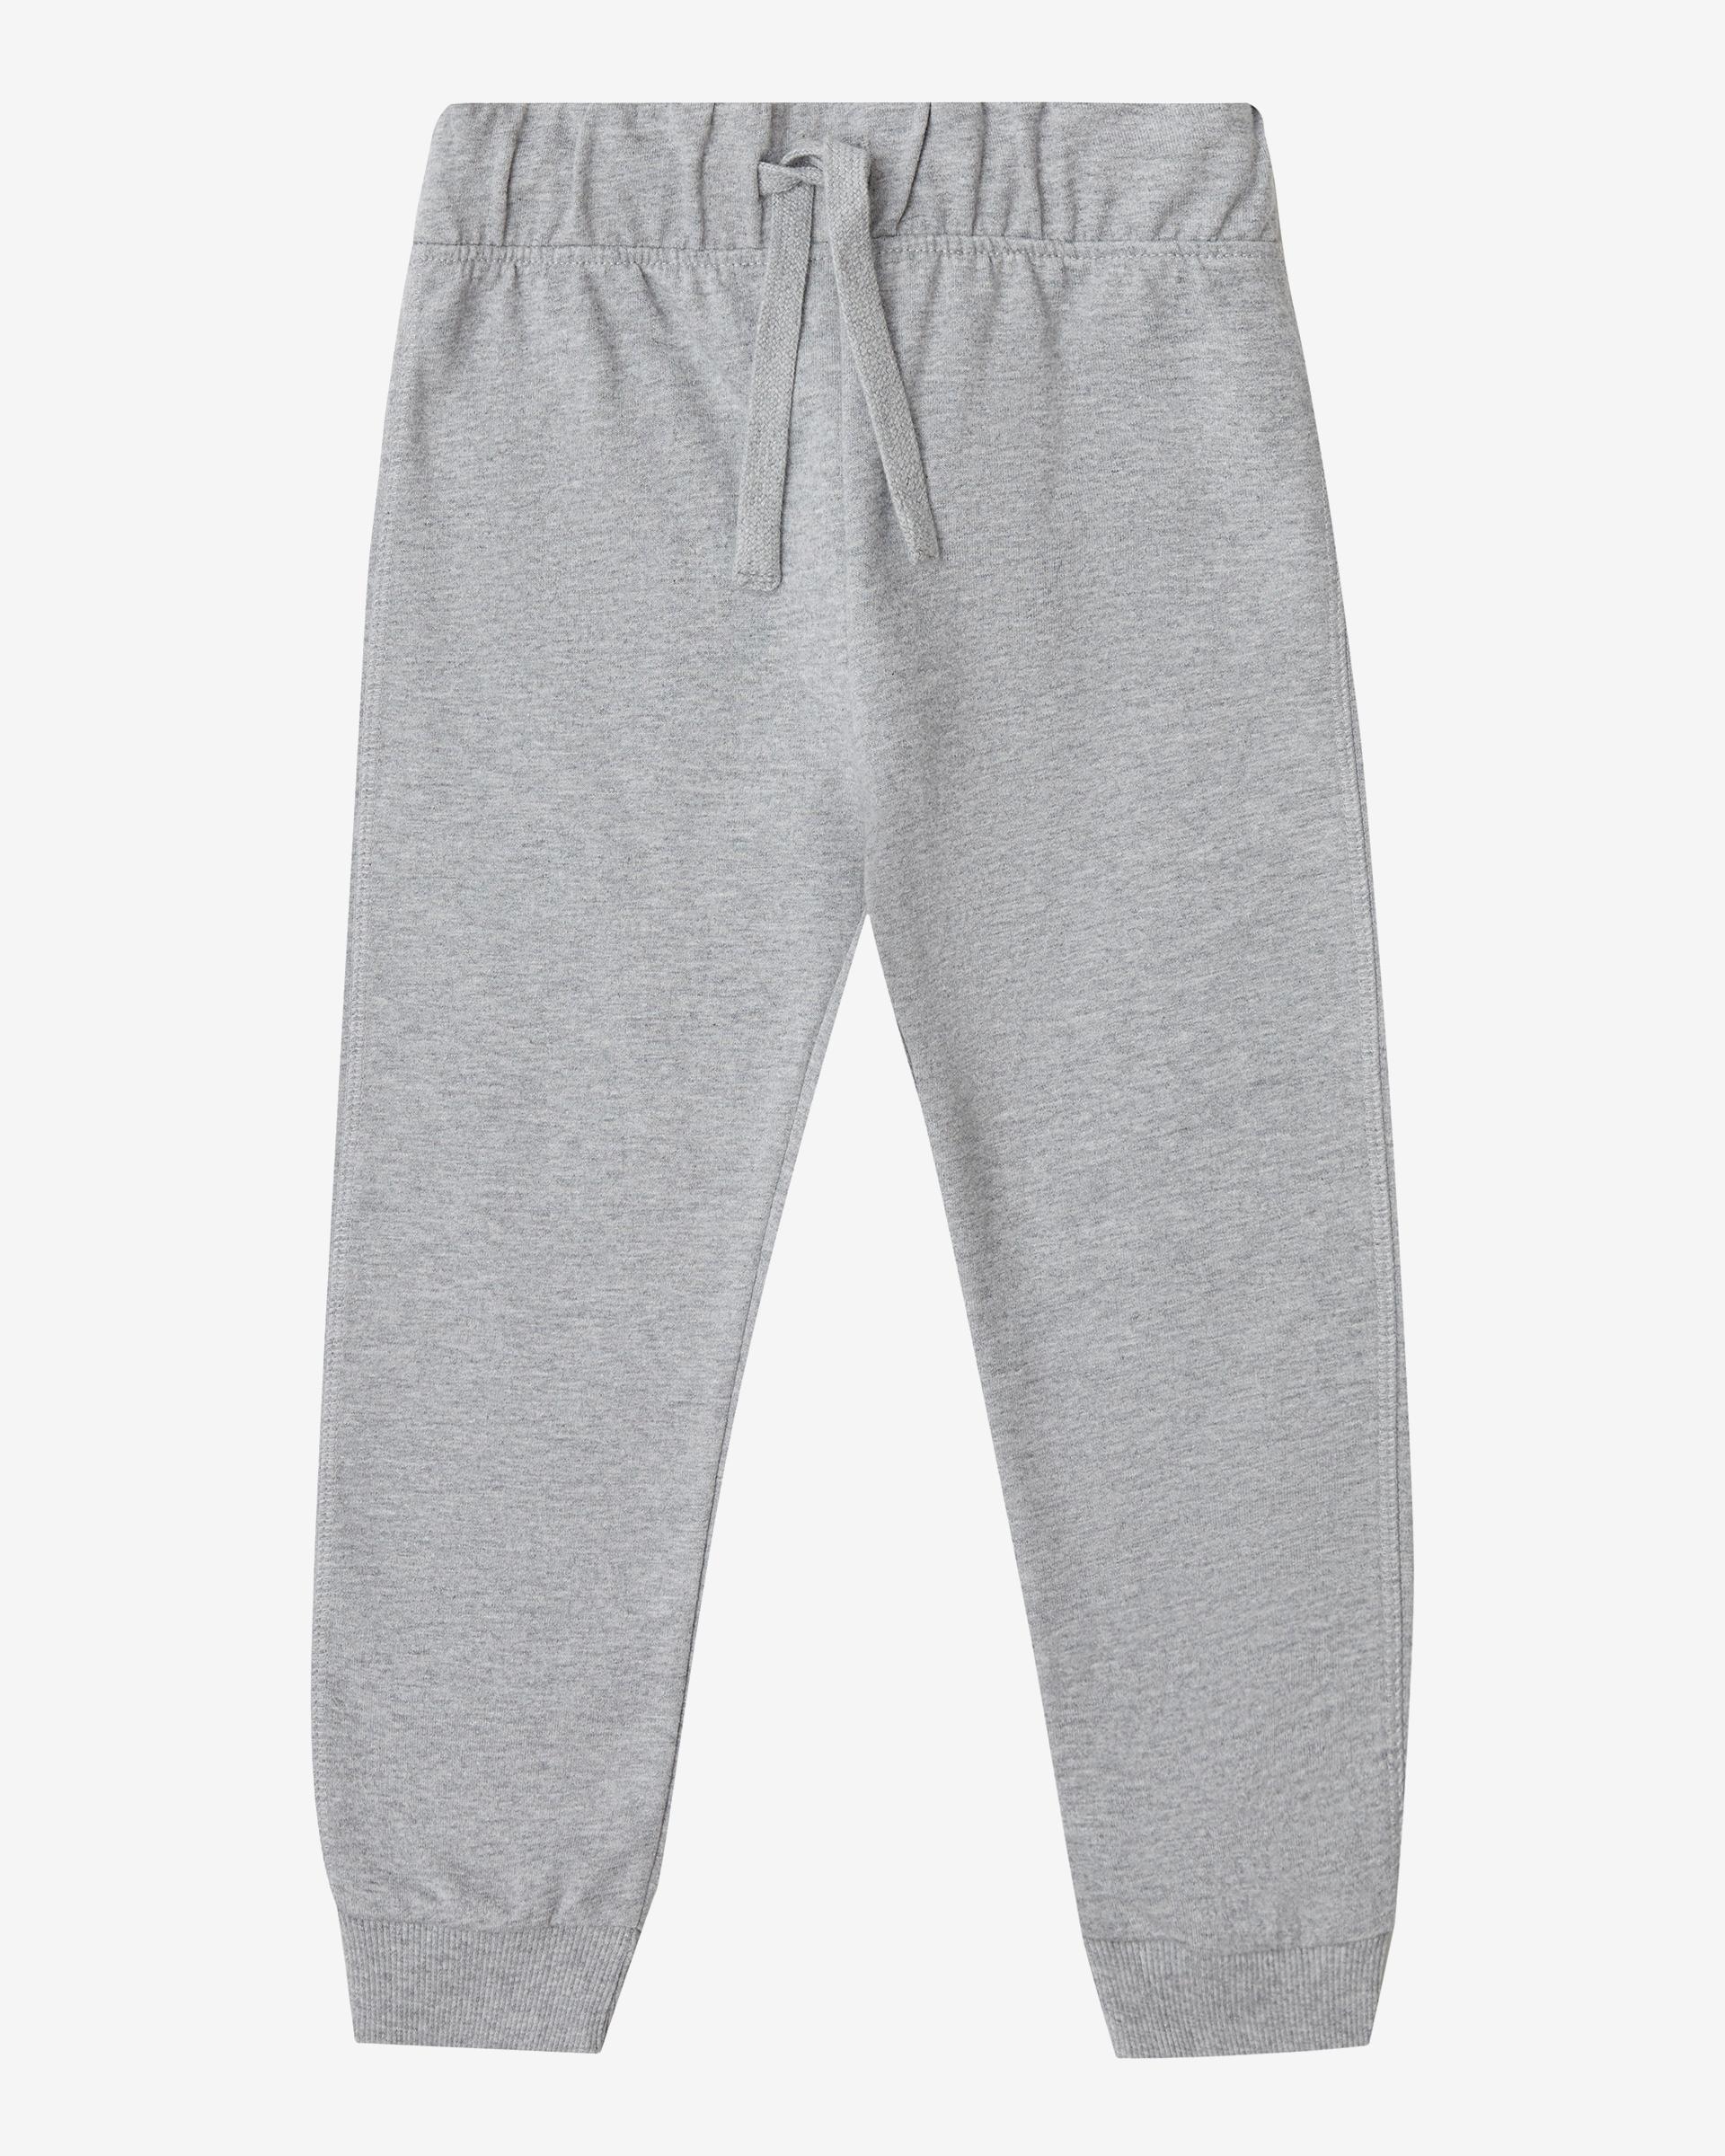 Купить 20P_3BC1I0986_501, Спортивные брюки для мальчиков Benetton 3BC1I0986_501 р-р 92, United Colors of Benetton, Шорты и брюки для новорожденных